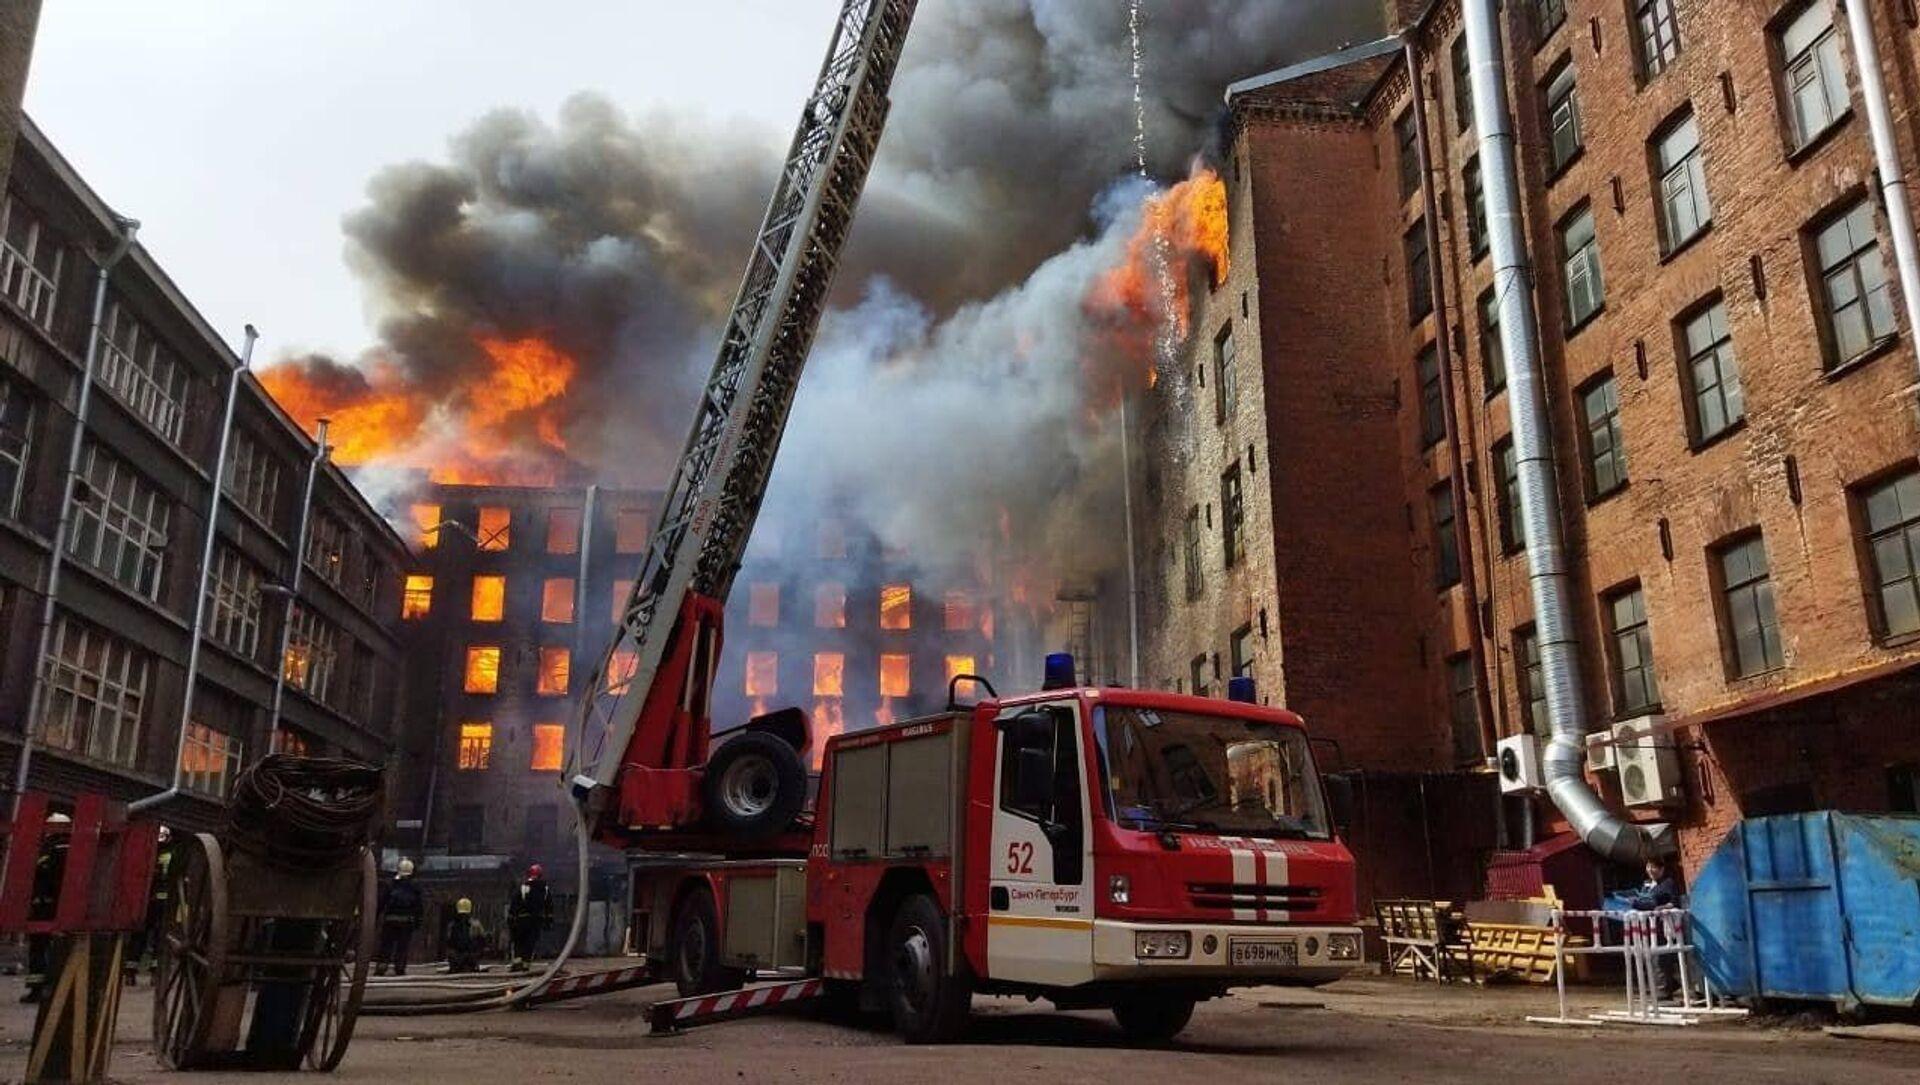 Požár historické budovy Něvská manufaktura v Petrohradu - Sputnik Česká republika, 1920, 12.04.2021